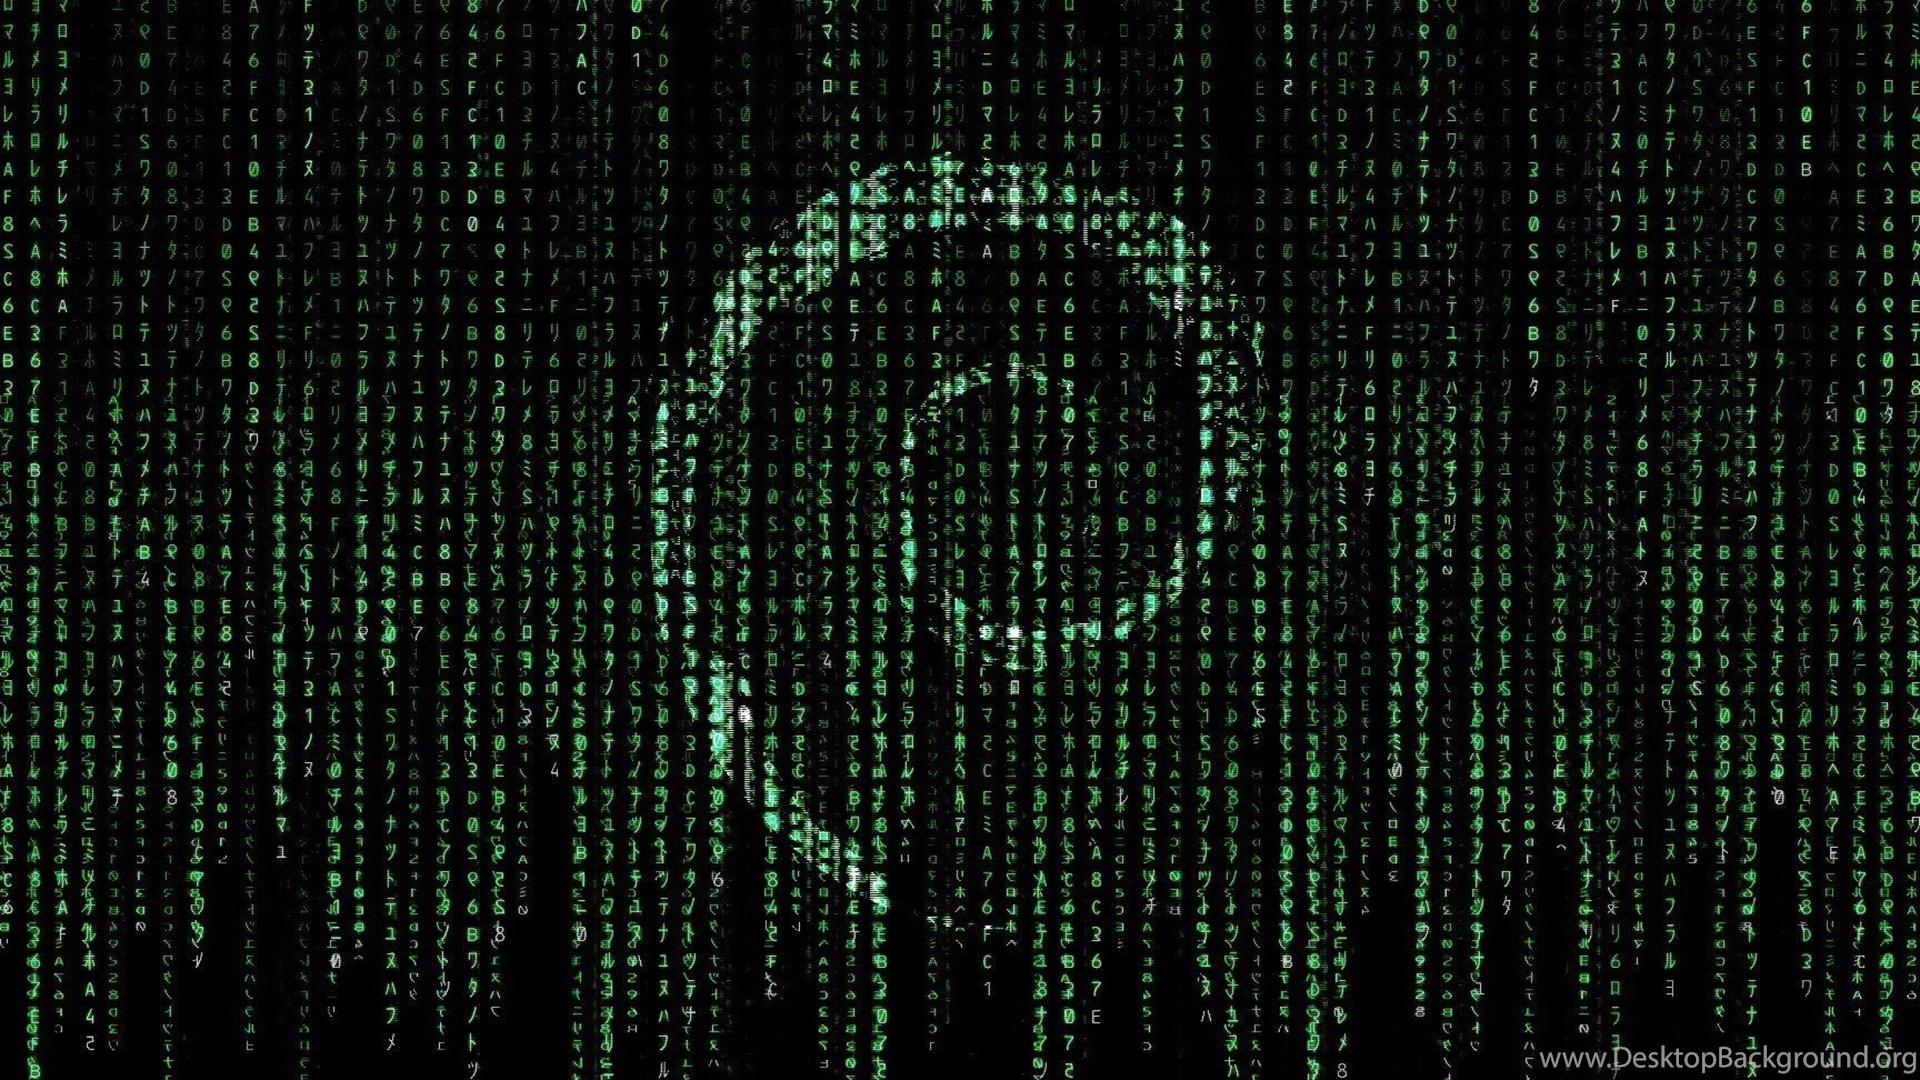 Kali Linux Wallpapers 1366768 Desktop Background